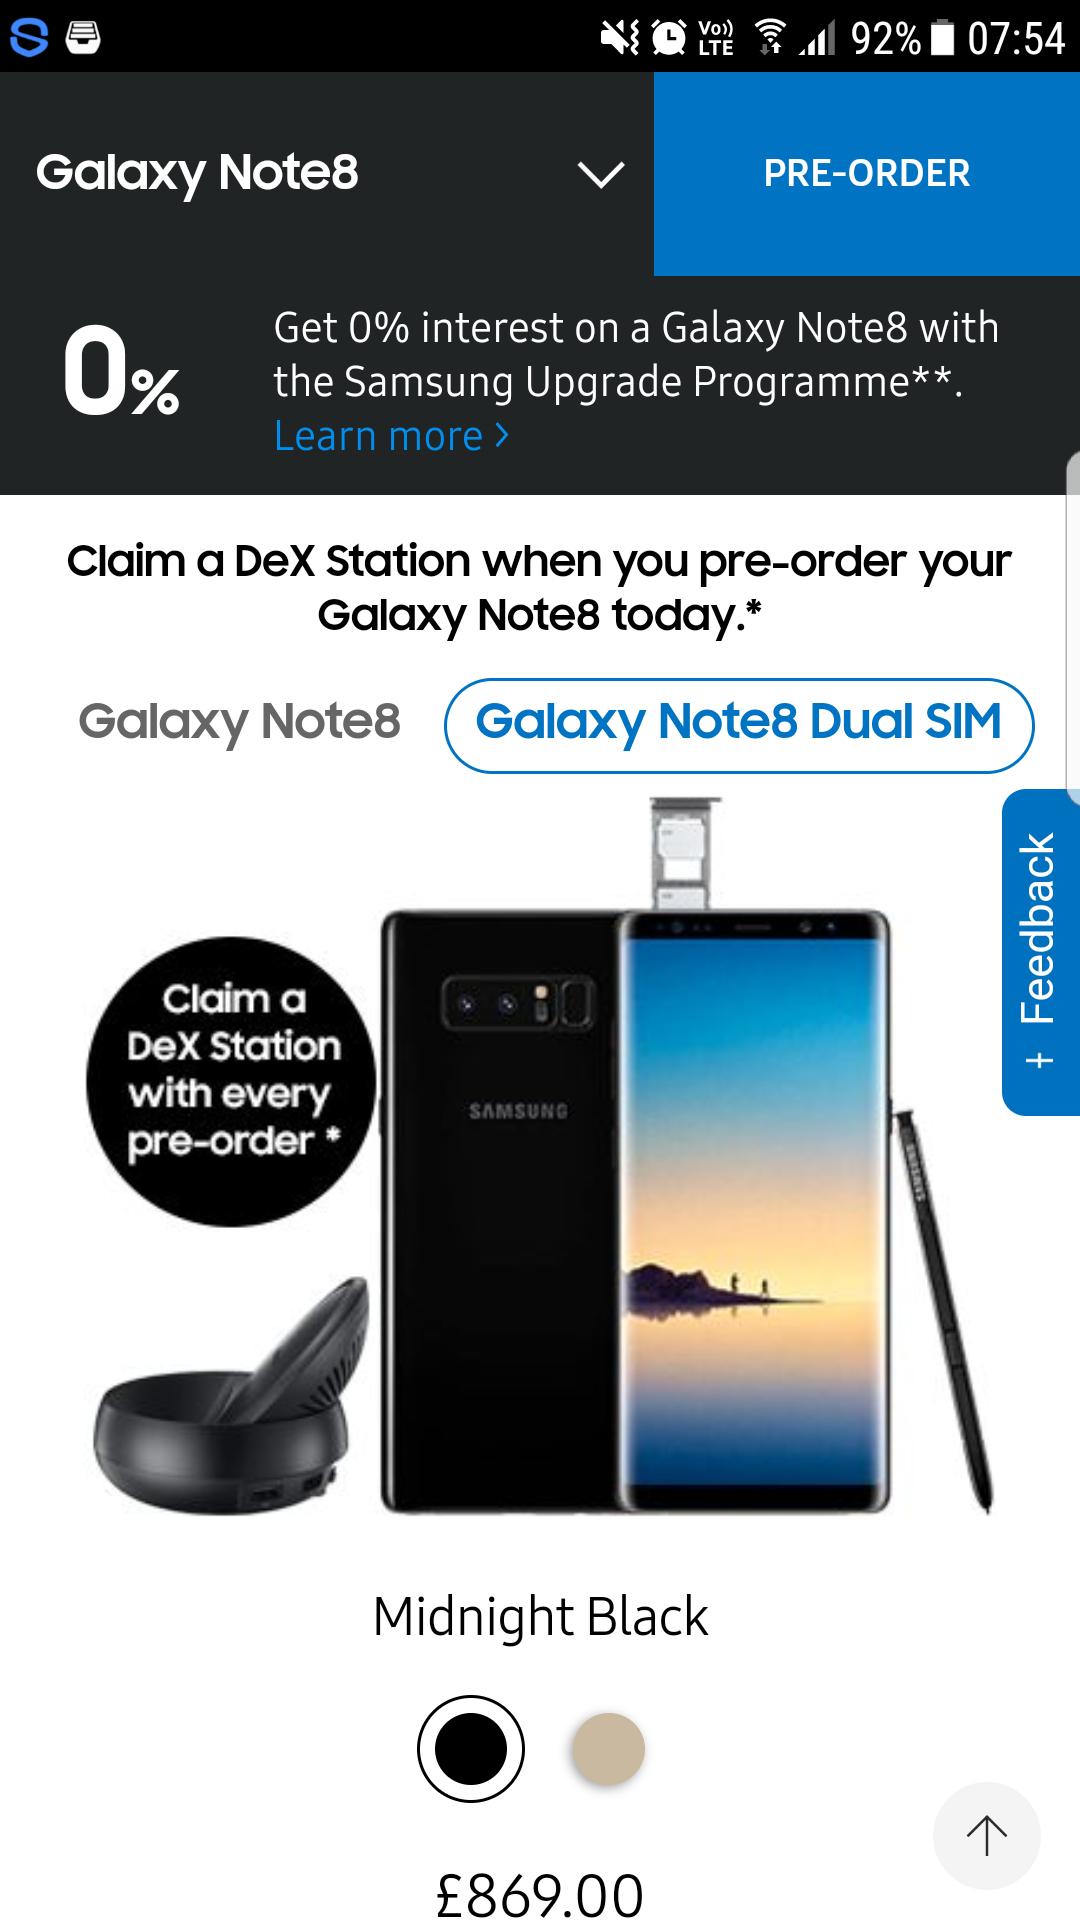 Note 8 Dual SIM same price as single SIM from Samsung UK web site - £869